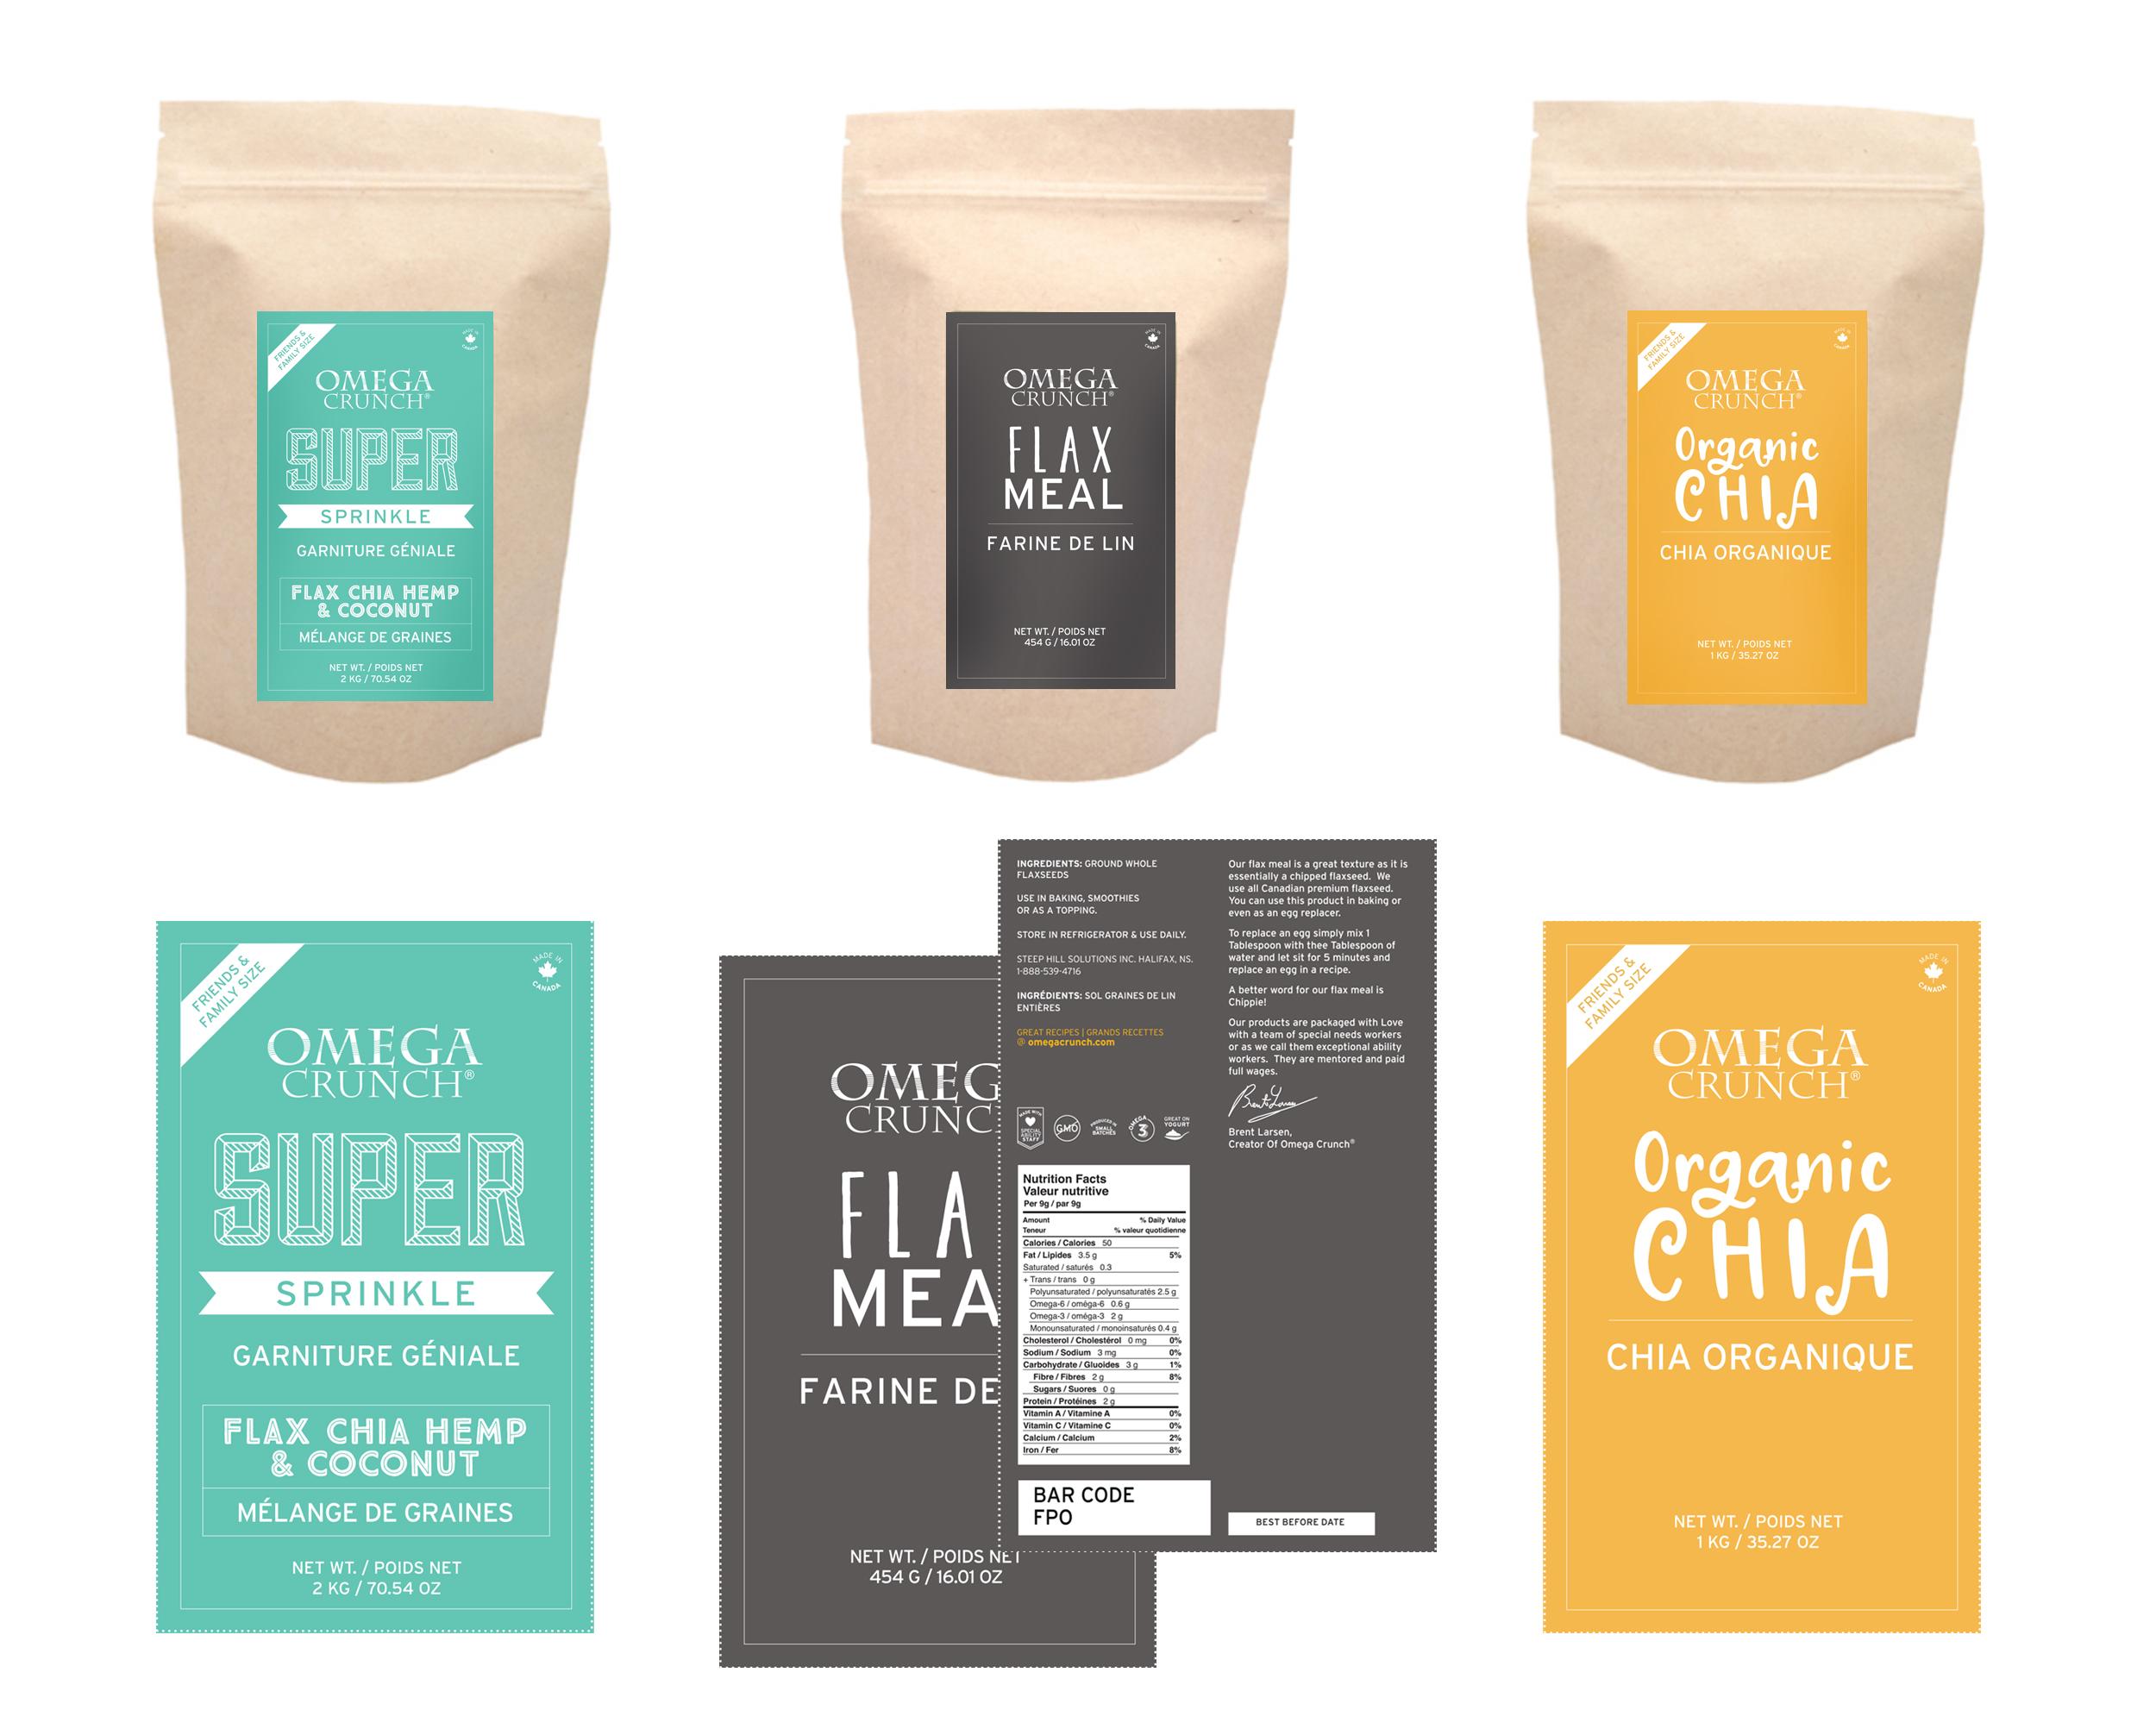 katelynbishop_design_omegacrunch_packages